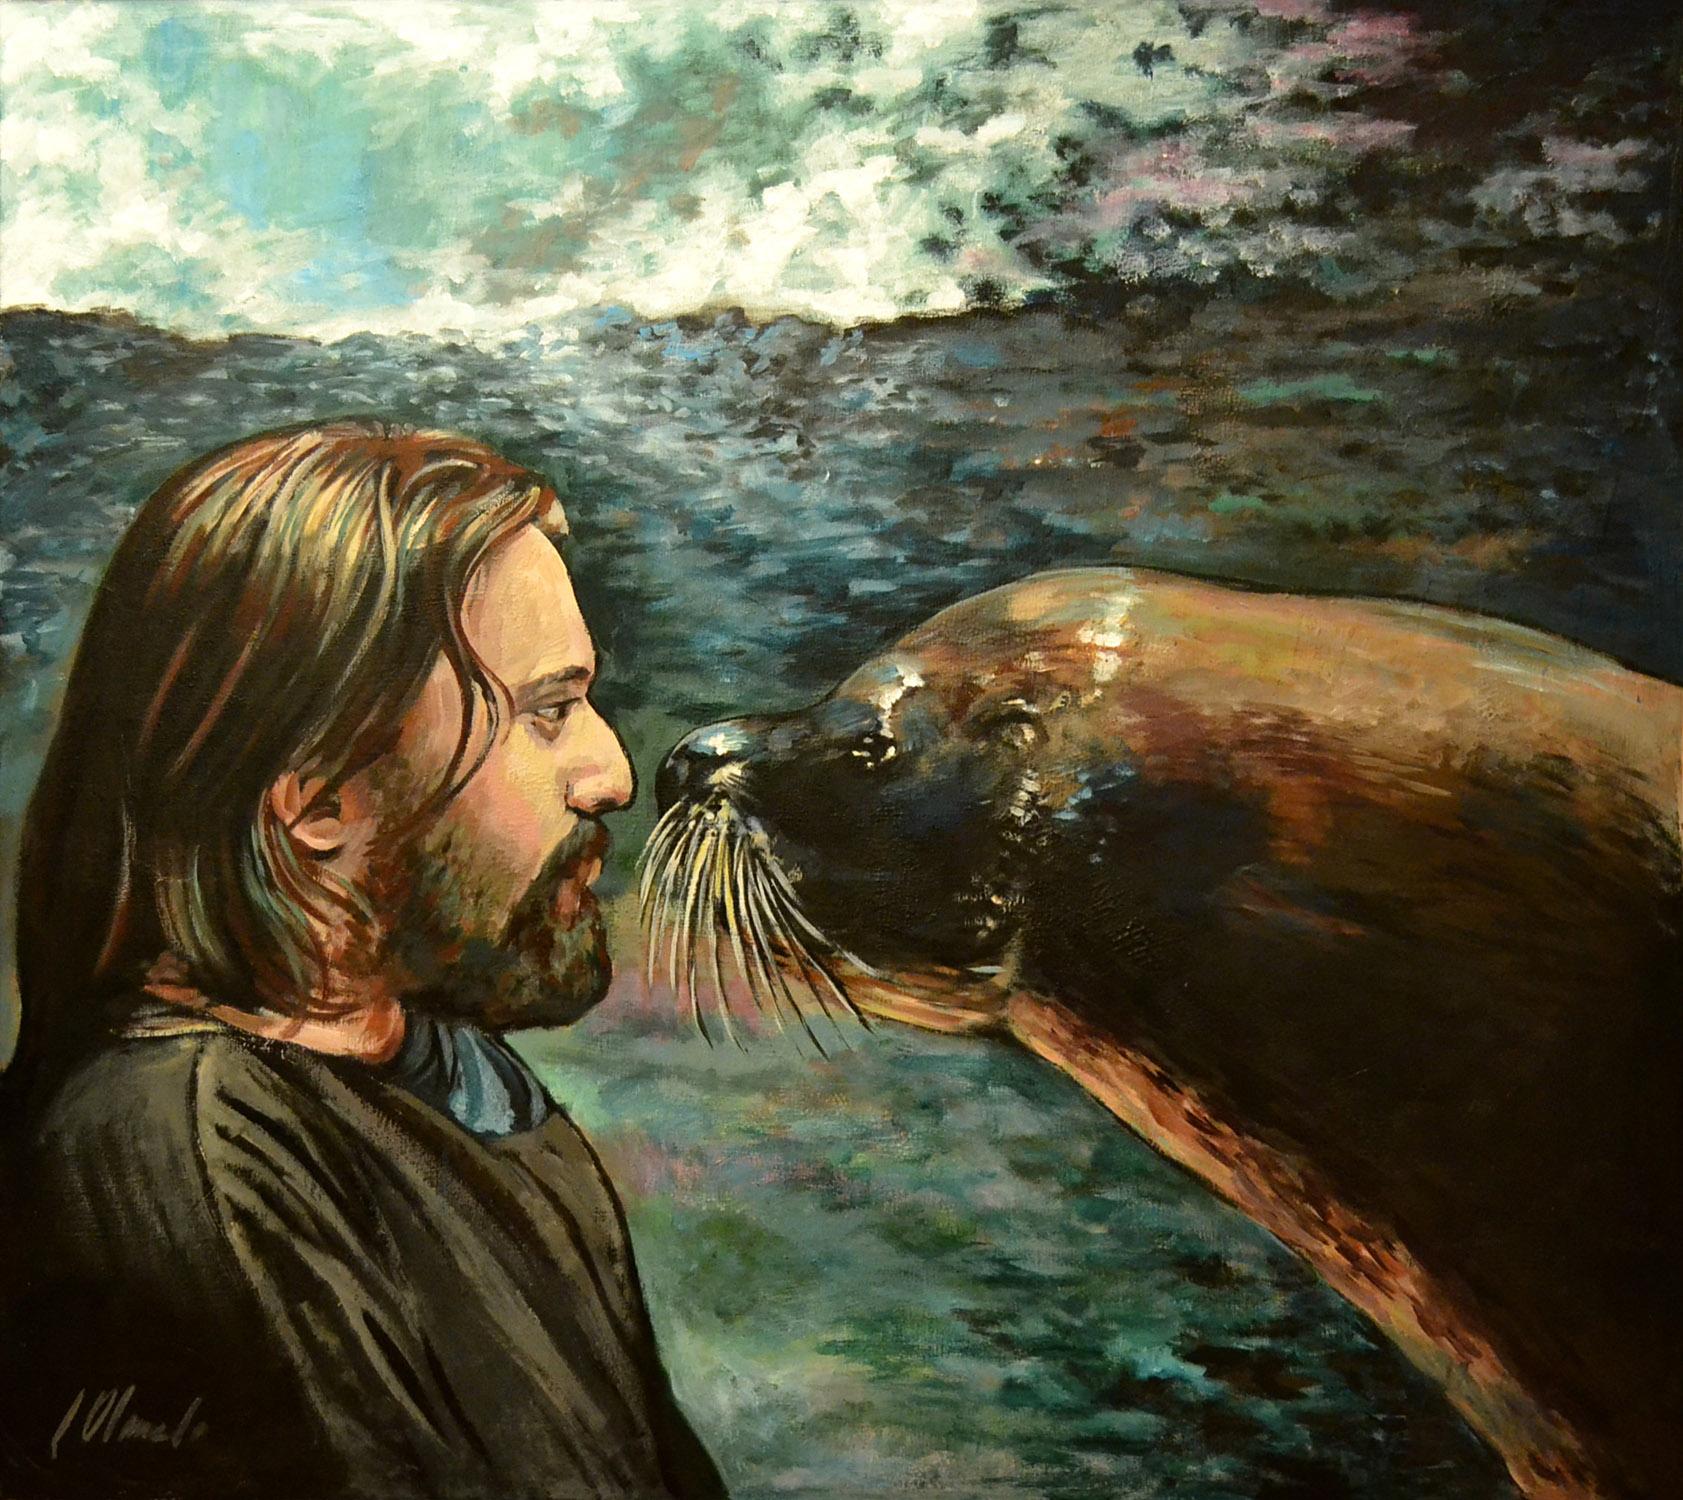 El beso de la foca, acrílico, Javier Olmedo. 2014